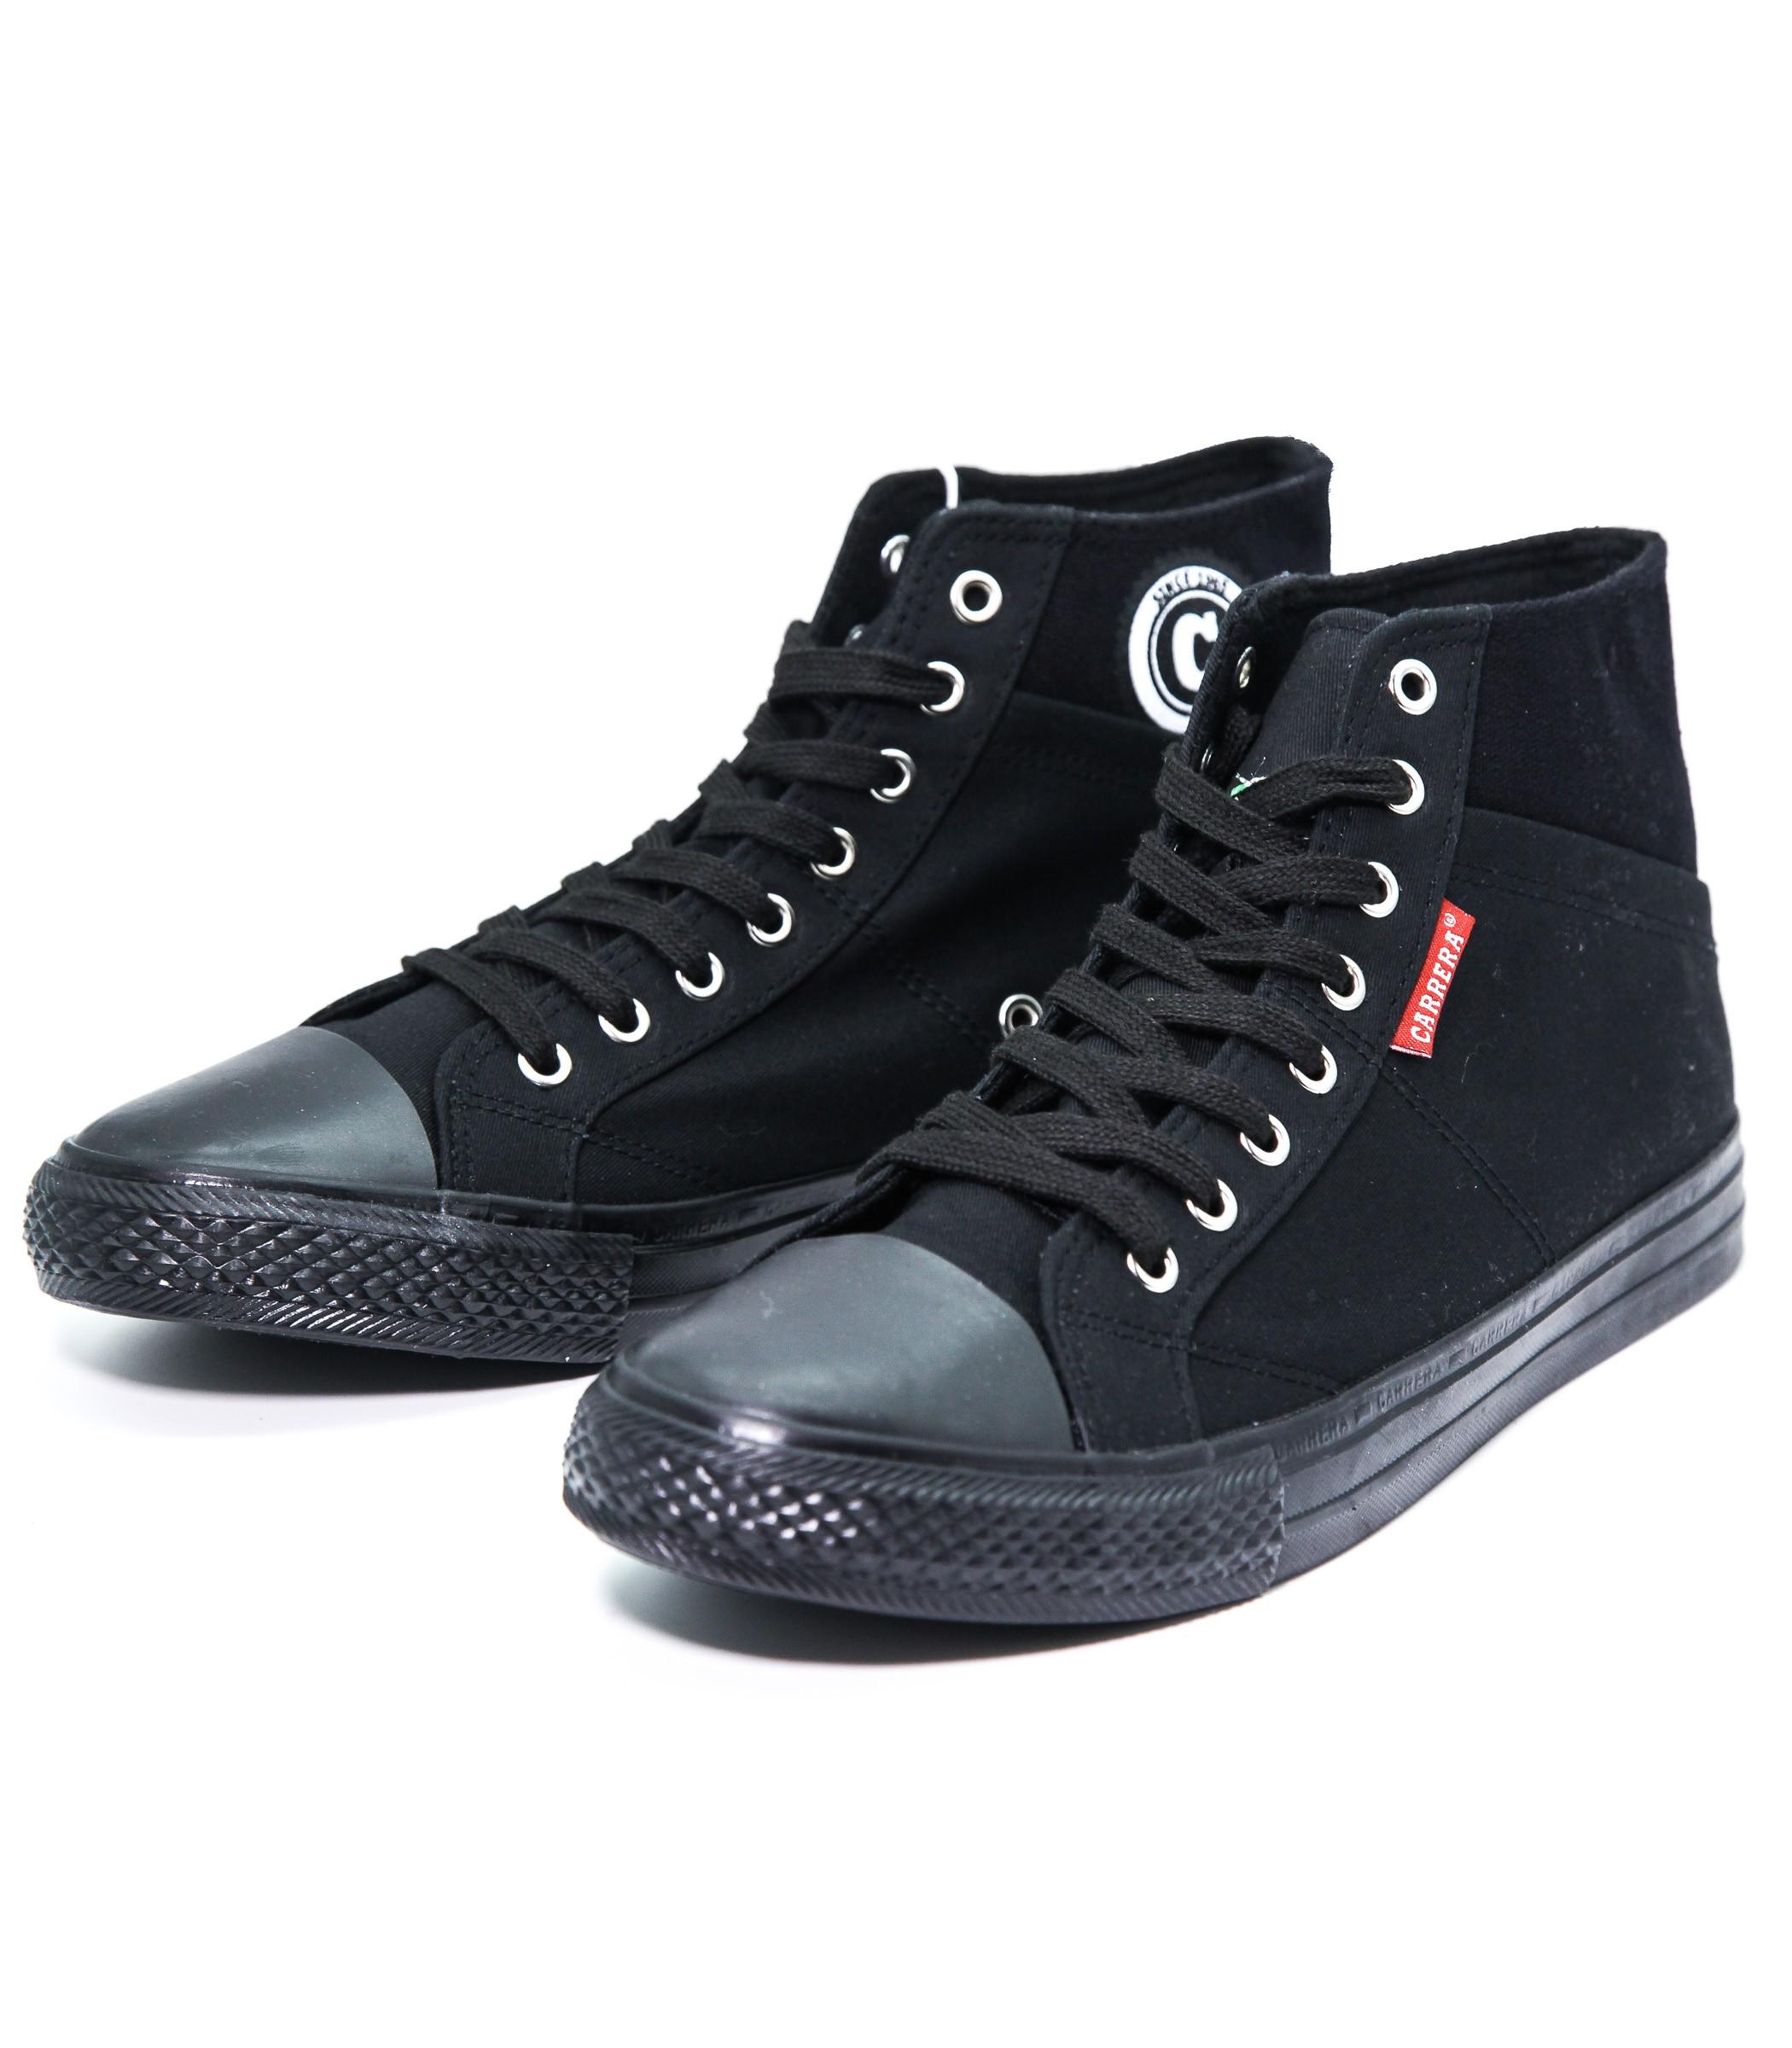 Alte In Da Sneakers Tela Scarpe Uomo Nera Carrera Ginnastica 354LjAR